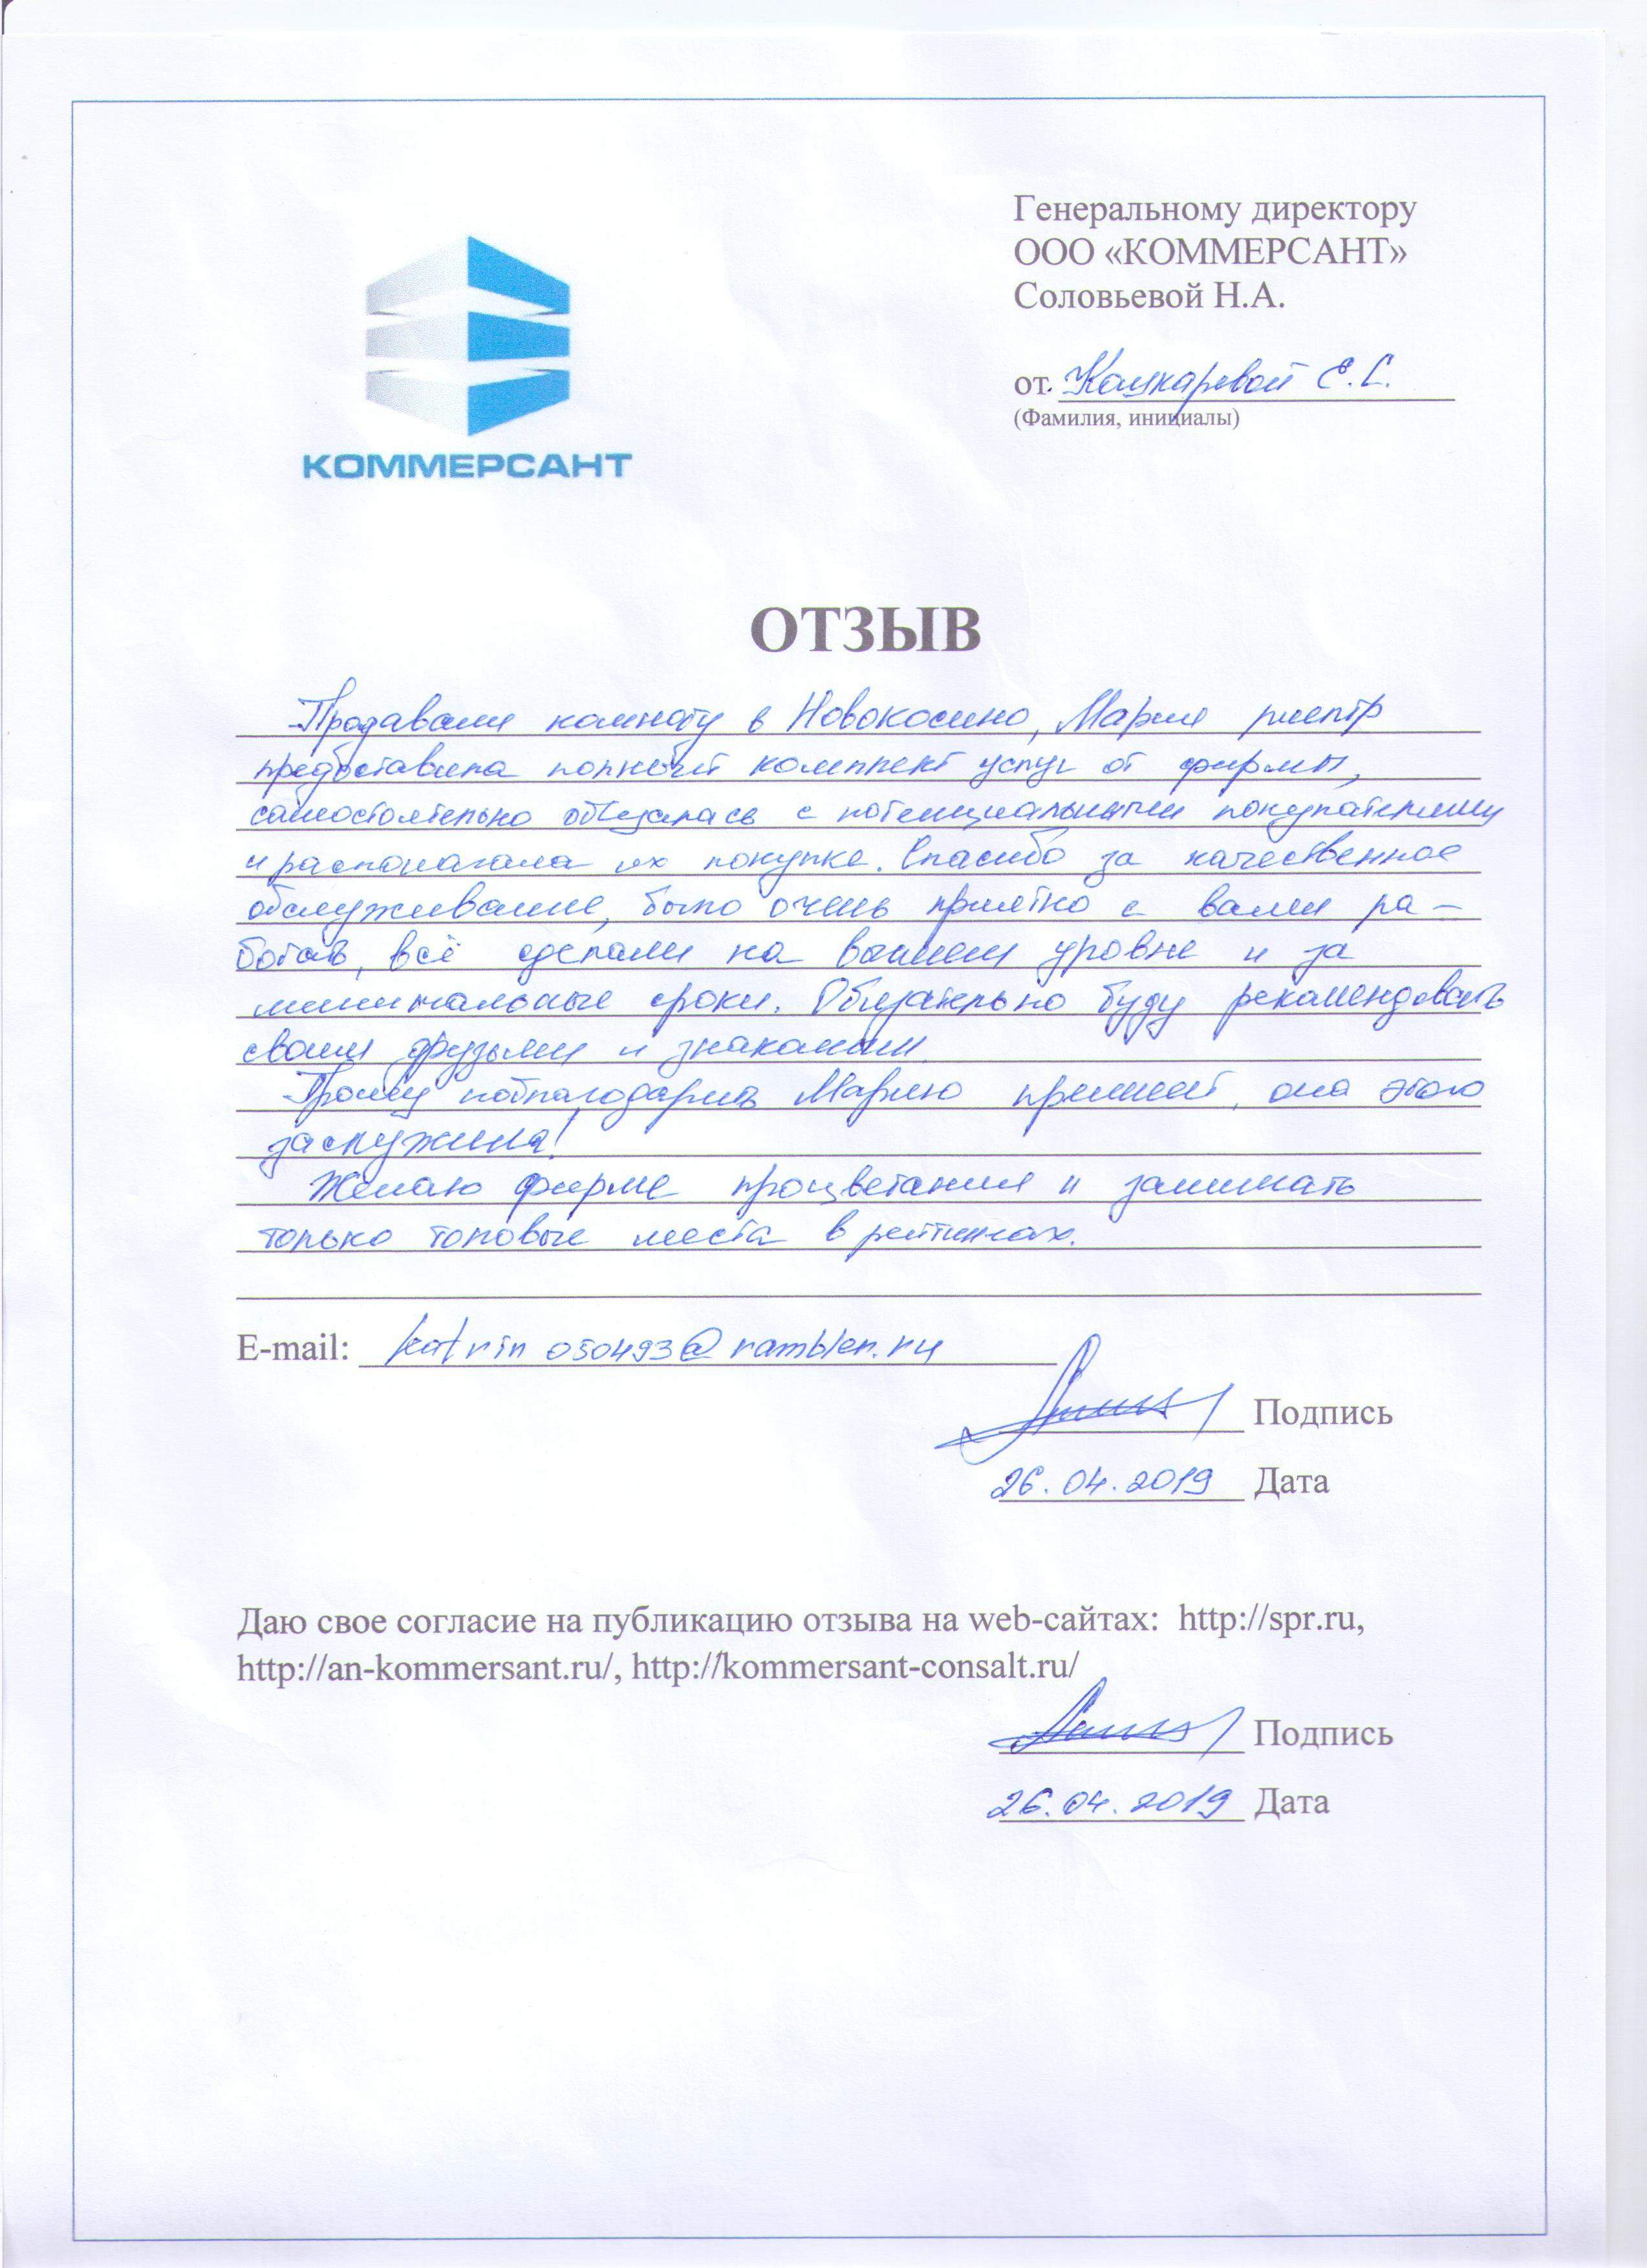 04463426beb65 Продаавали комнату в Новокосино, Мария риелтор предоставила полный комплекс  услуг от фирмы, самостоятельно общалась с потенциальными покупателями и ...